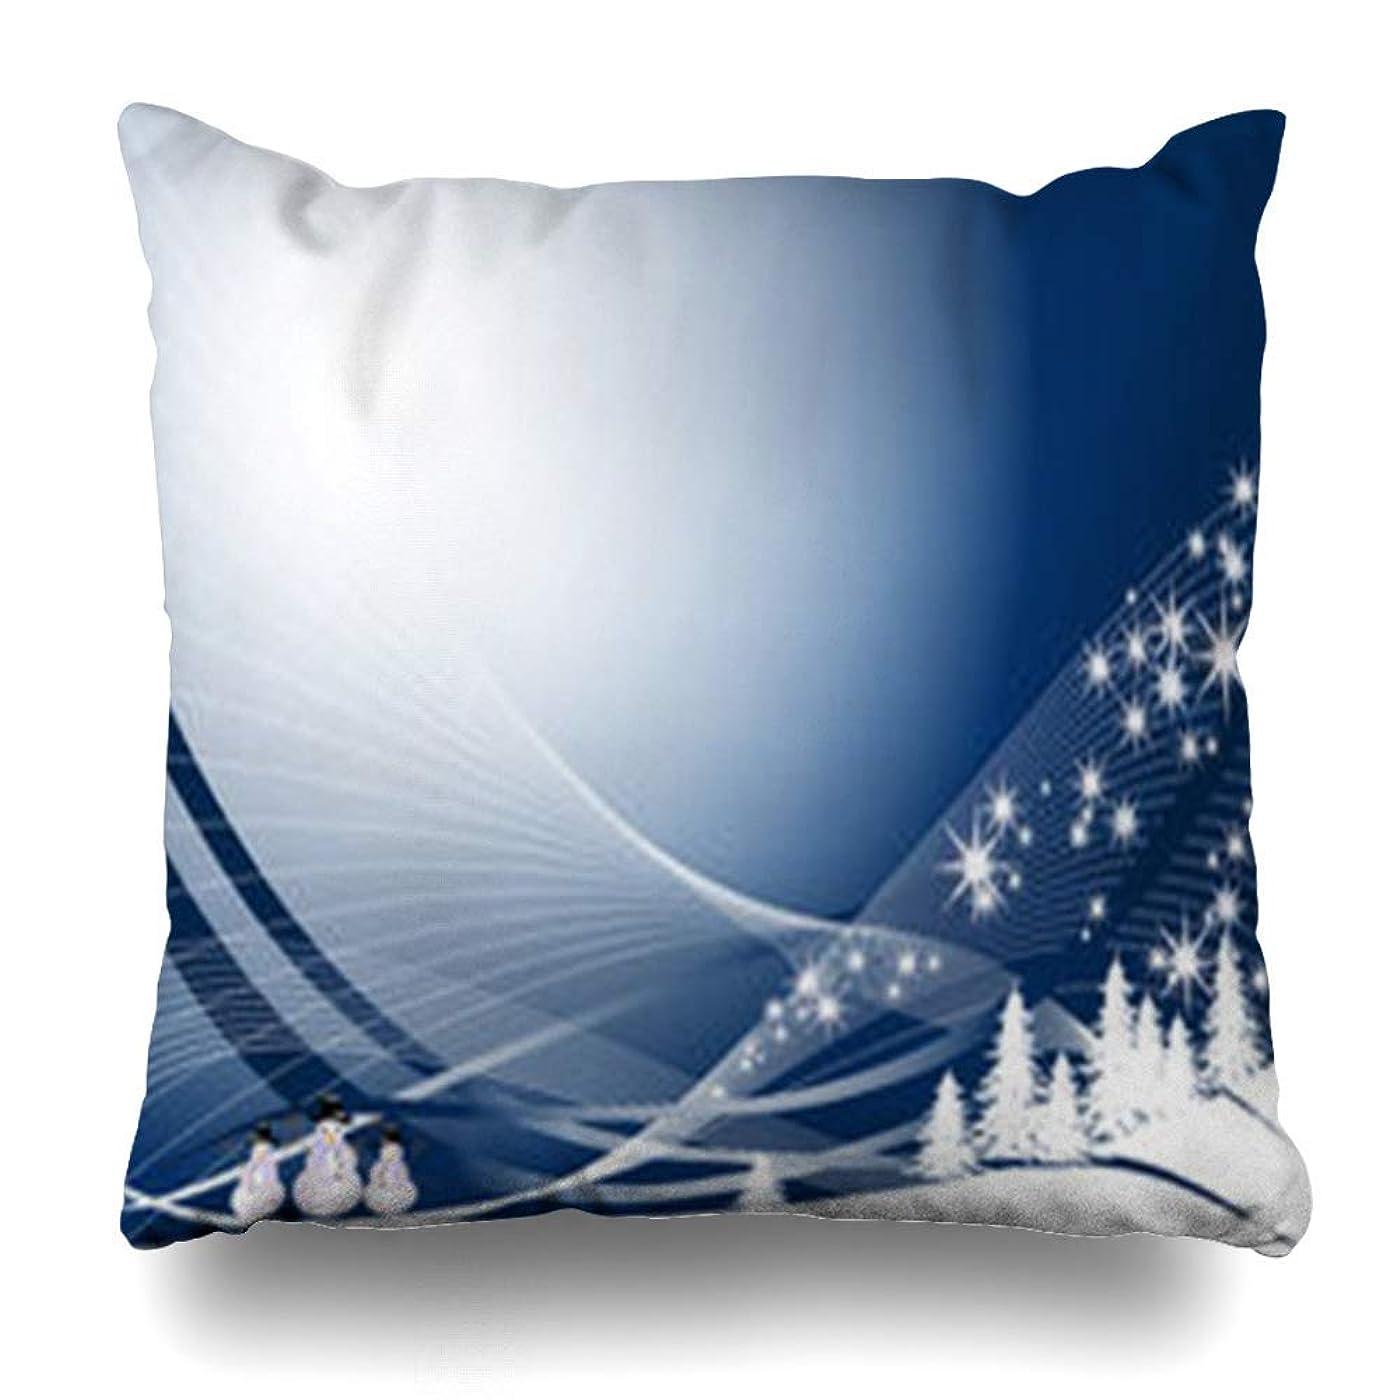 適切に甥ビンスロー枕カバースパークシルバーボールクリスマスブルーシャイン安物の宝石抽象弓お祝いデザインホームデコレーションクッションケースSquare18 * 18インチ装飾ソファ枕カバー